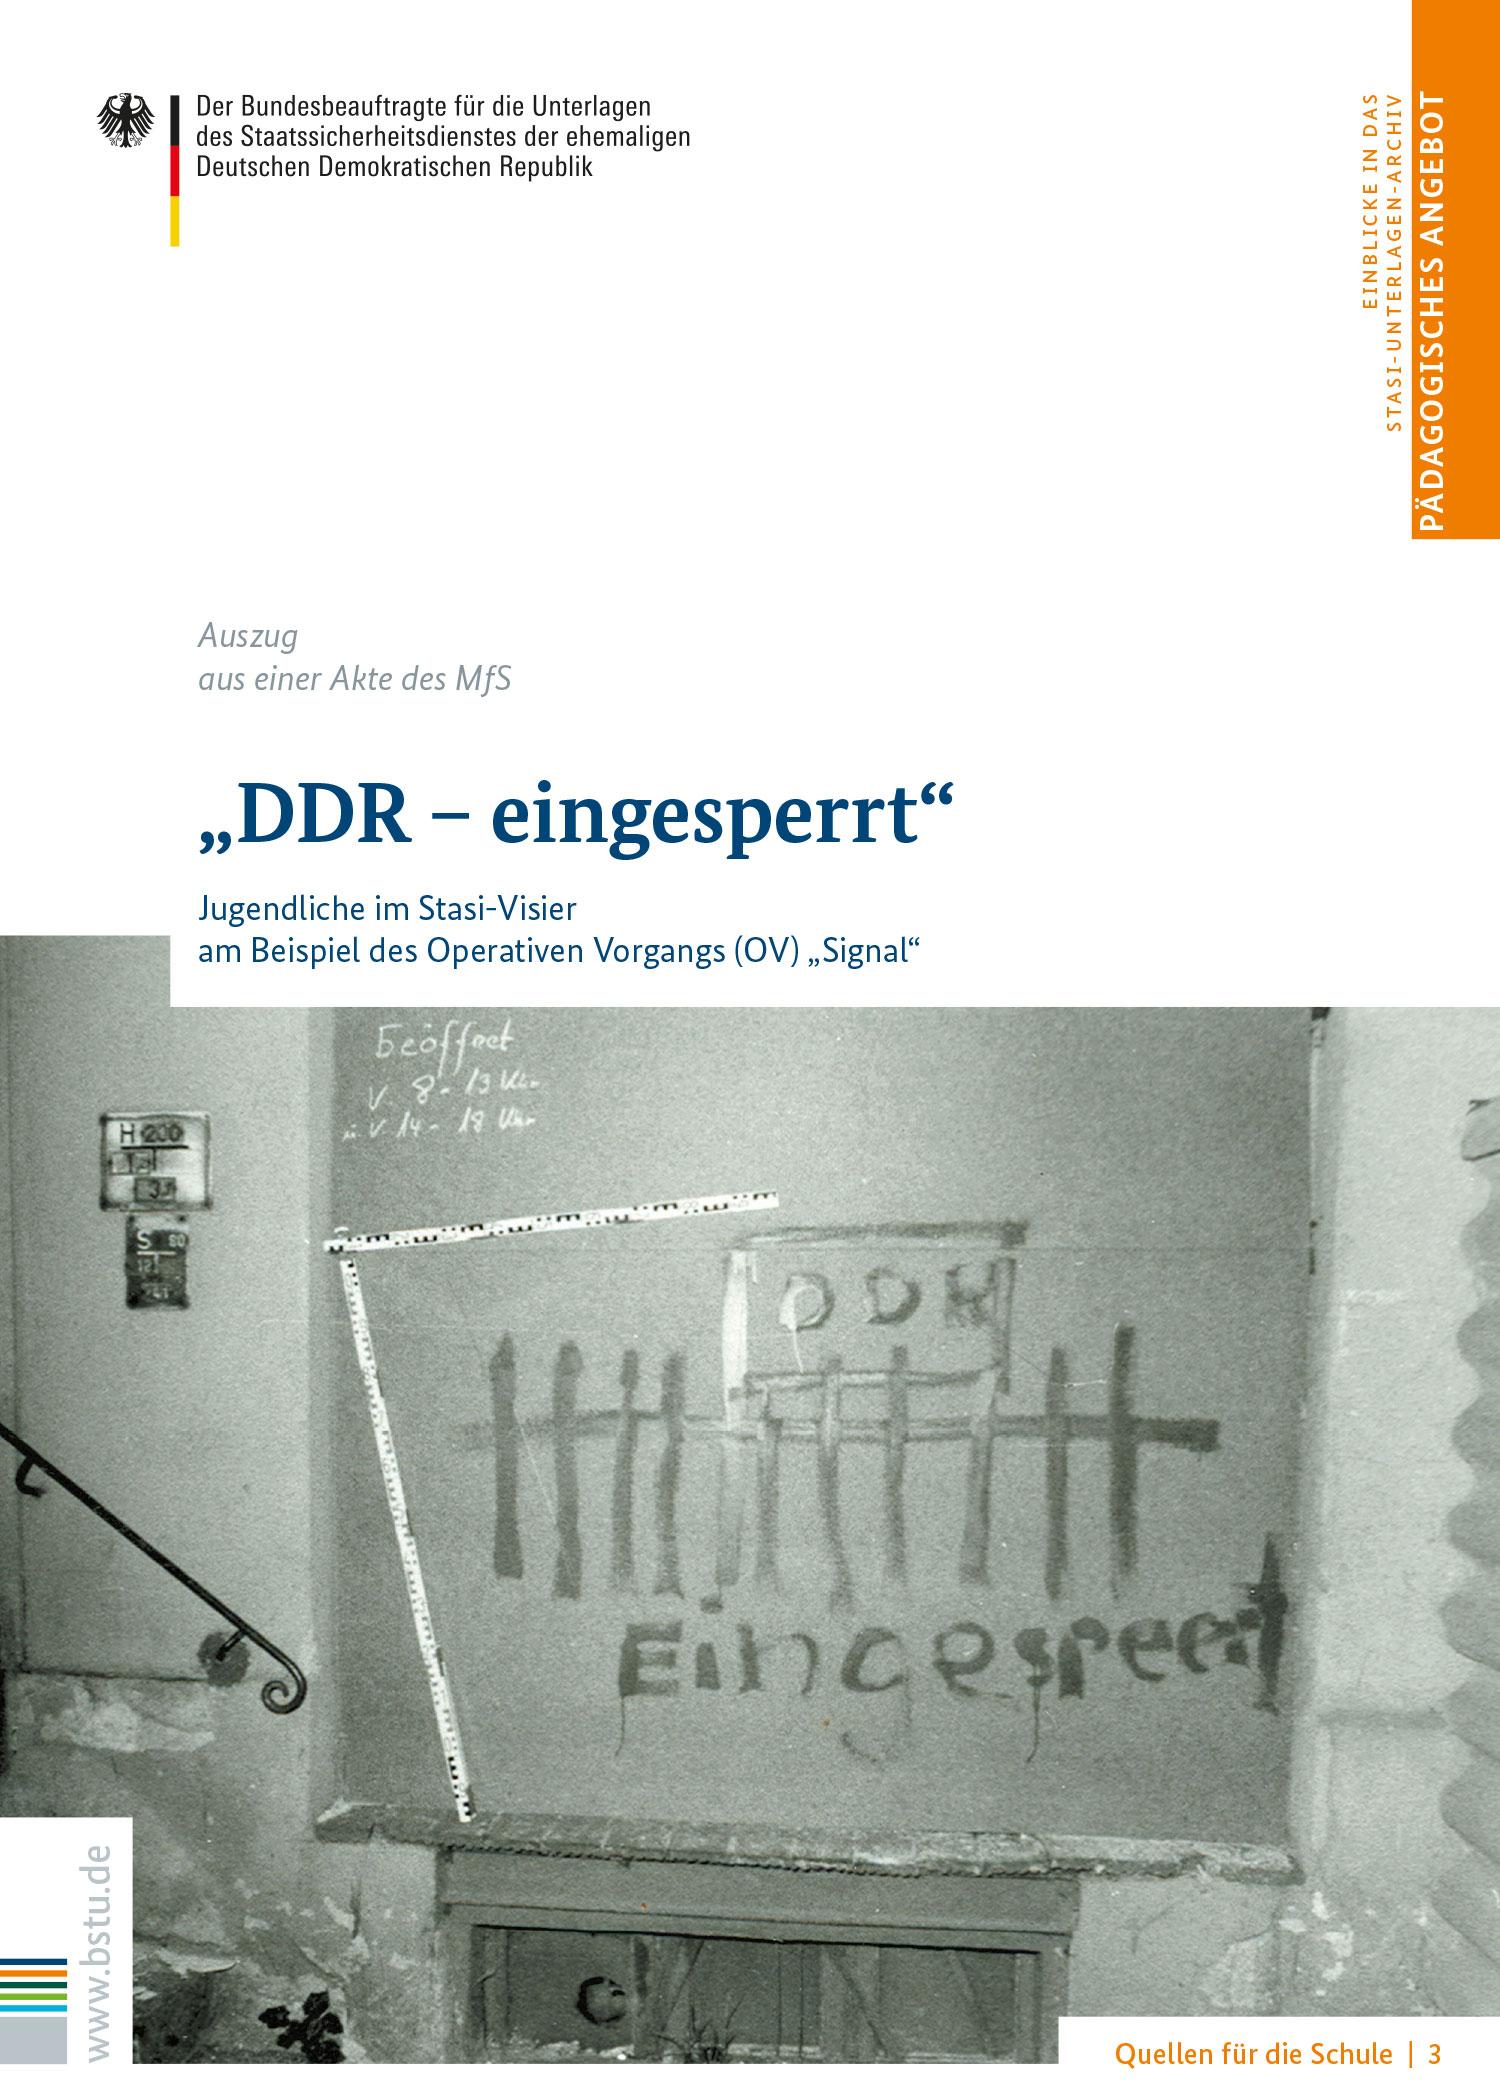 Quellen für die Schule 3: DDR - eingesperrt